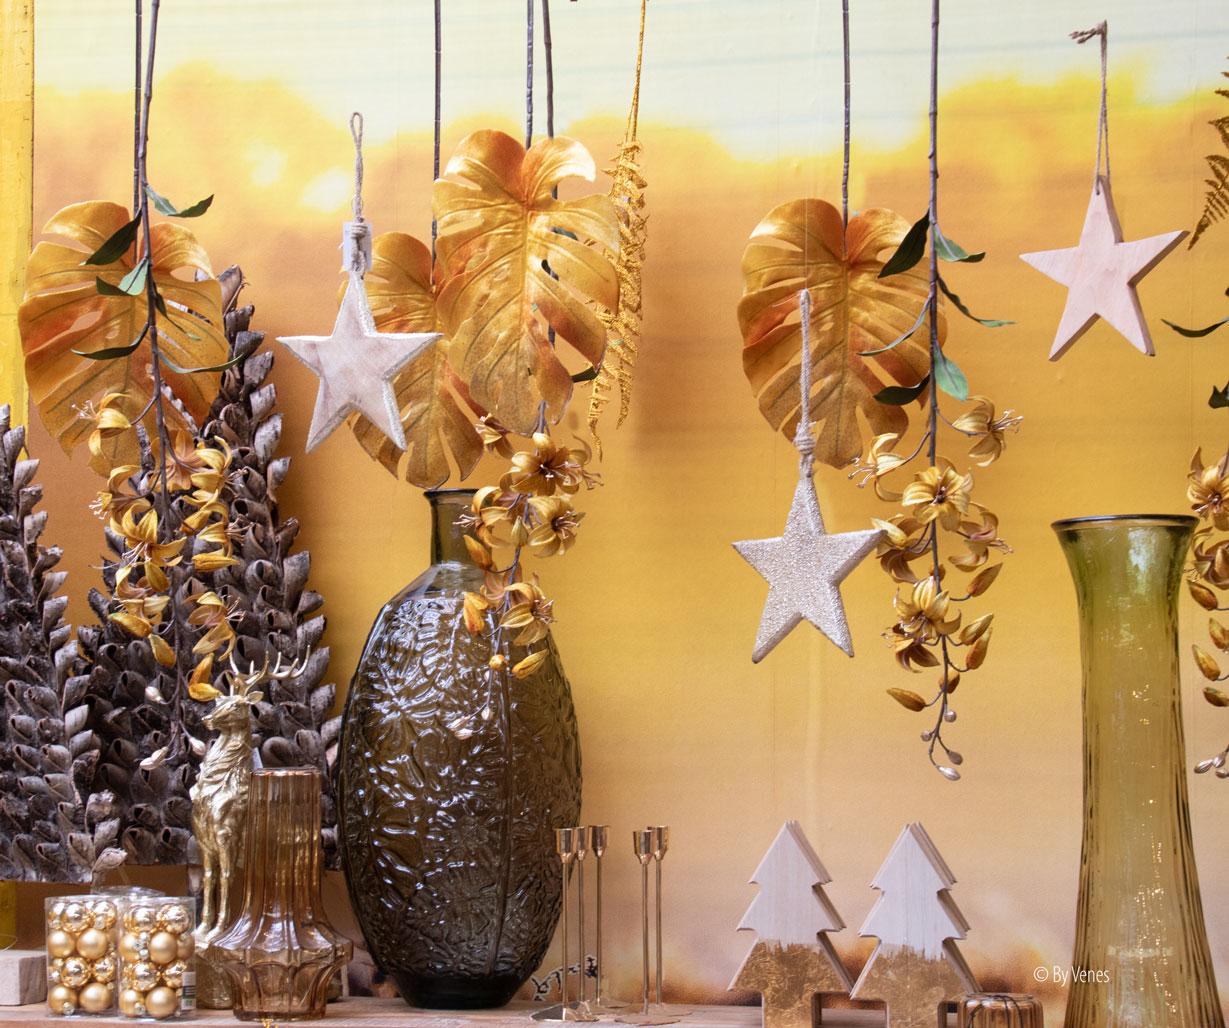 kerstdecoratie kerstster goud zilver hout. kersttrends 2019